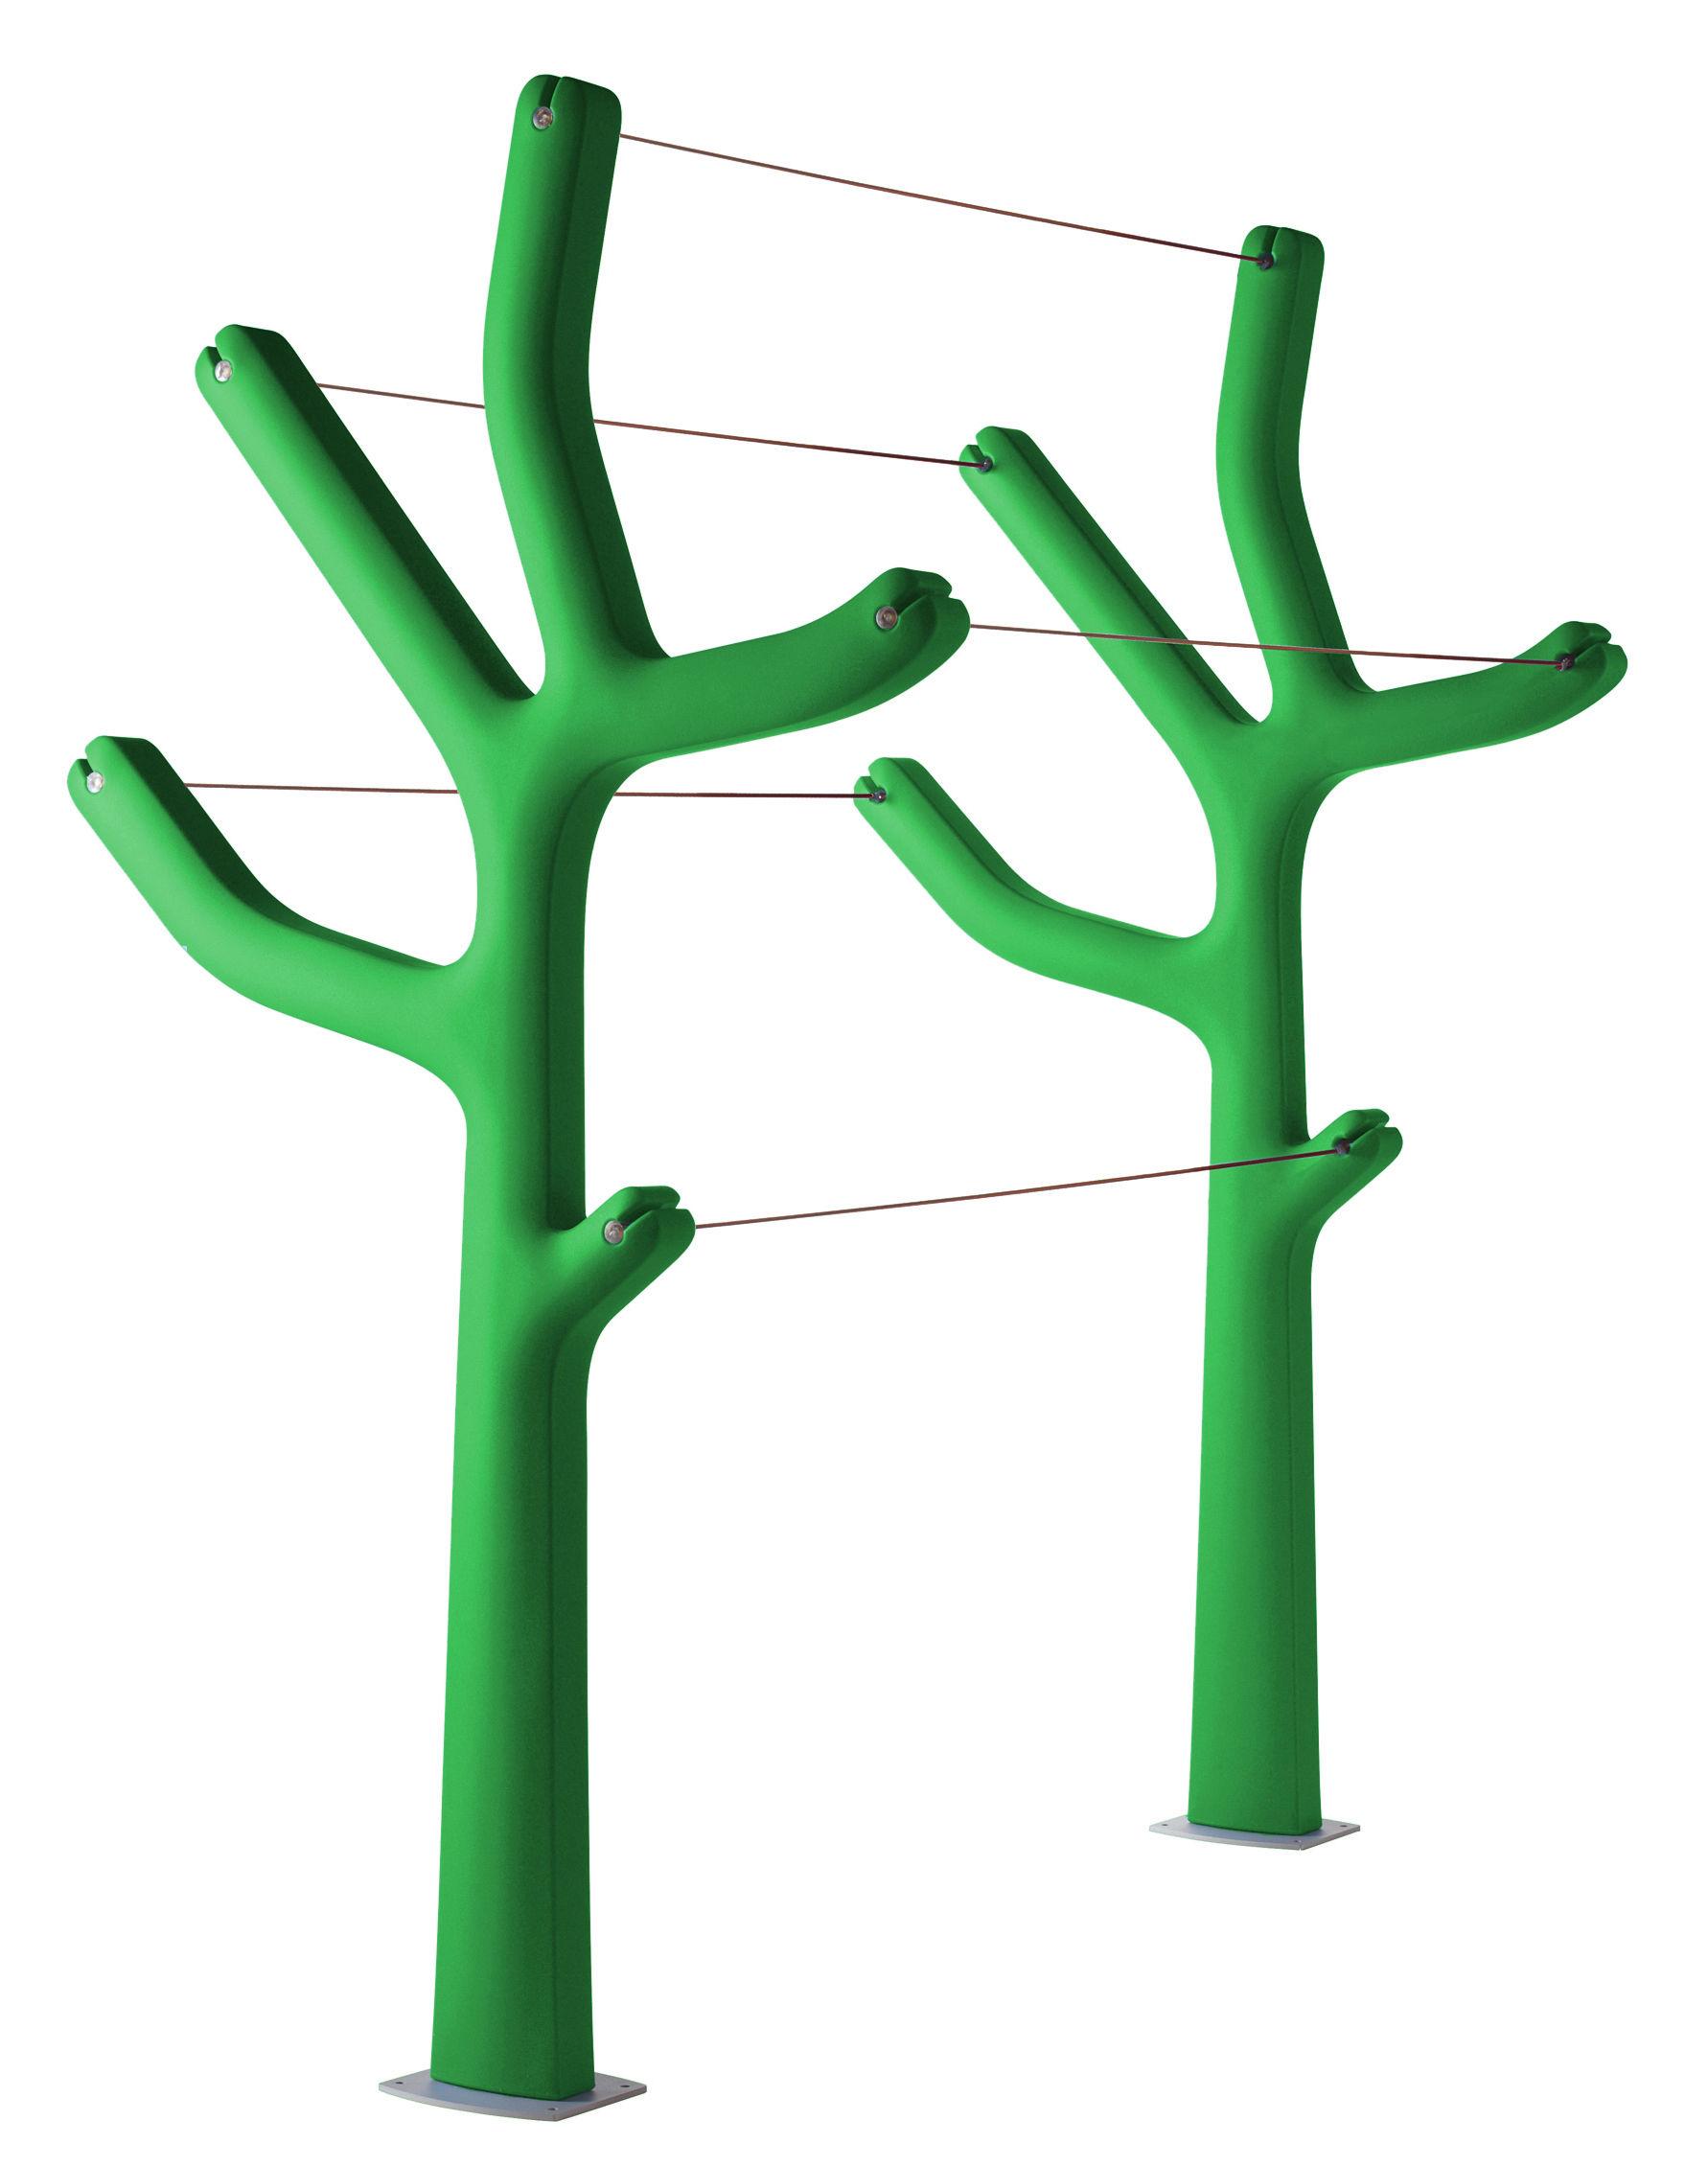 Mobilier - Compléments d'ameublement - Etendoir à linge Alberto - Casamania - Vert - Polyéthylène